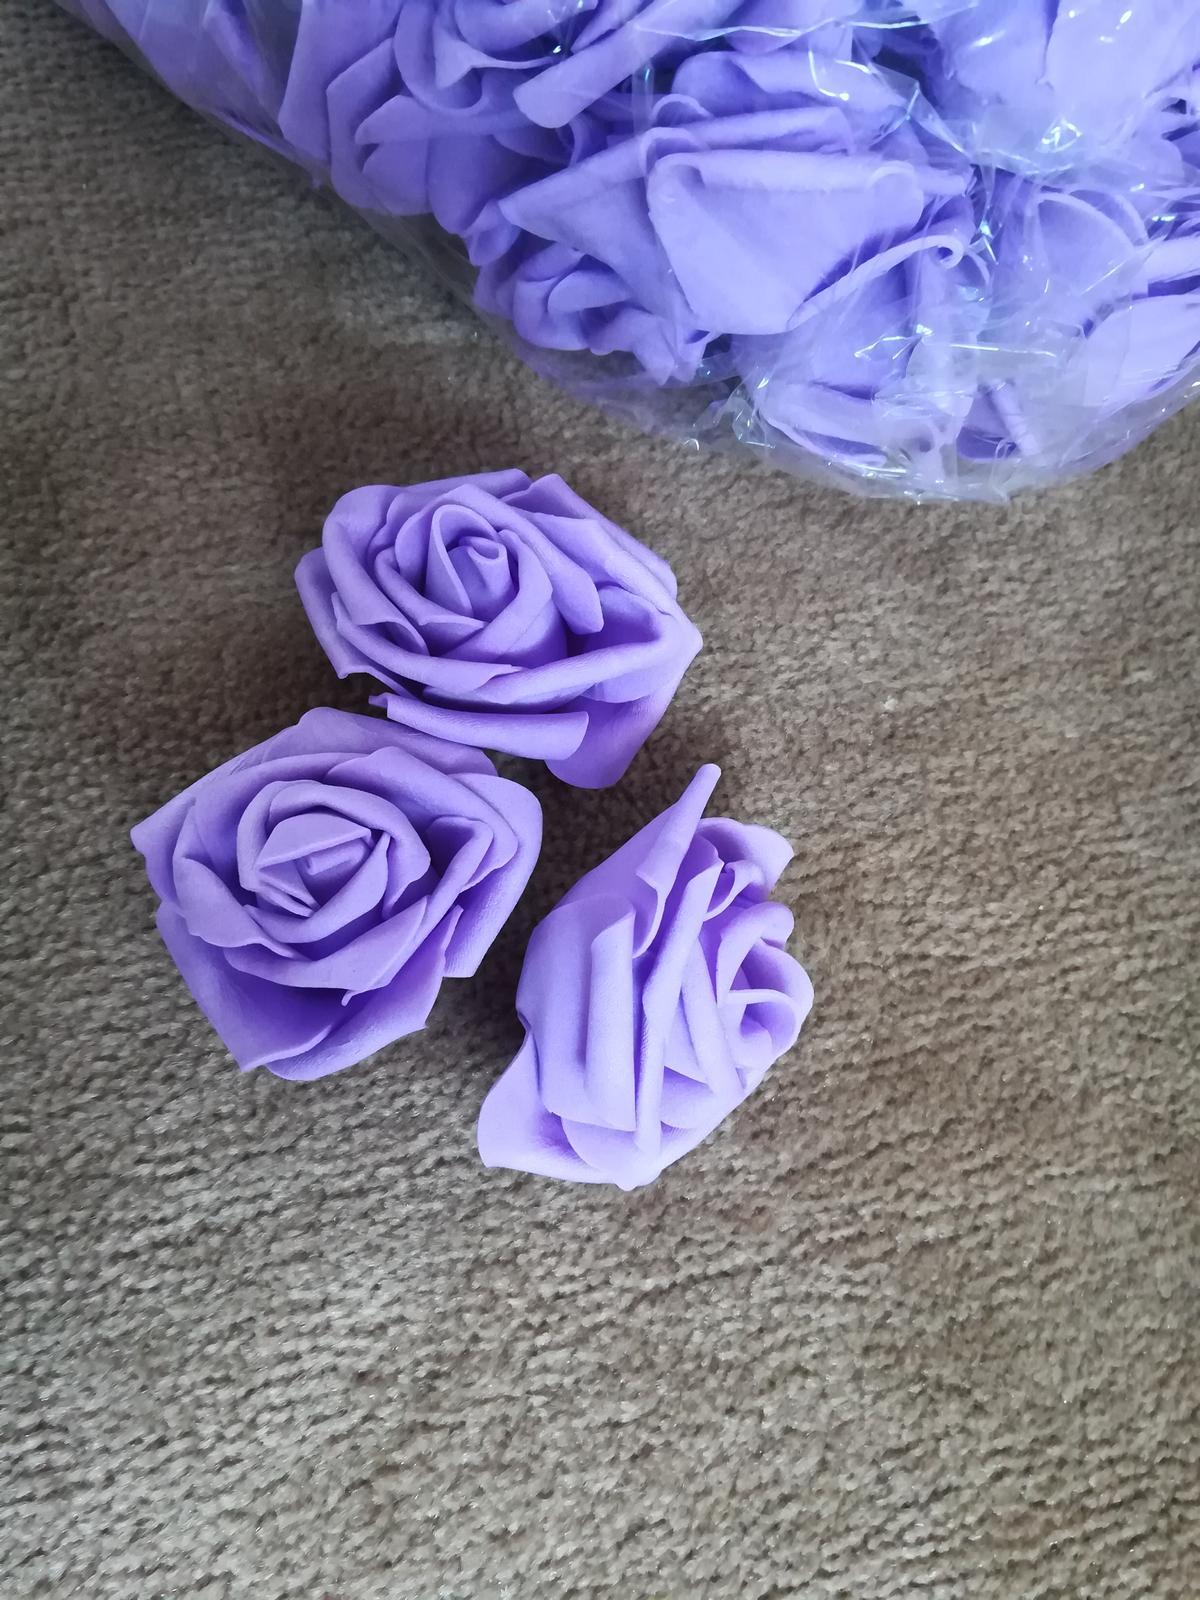 Penovy kvet ruze - fialova 50 Ks - Obrázek č. 1